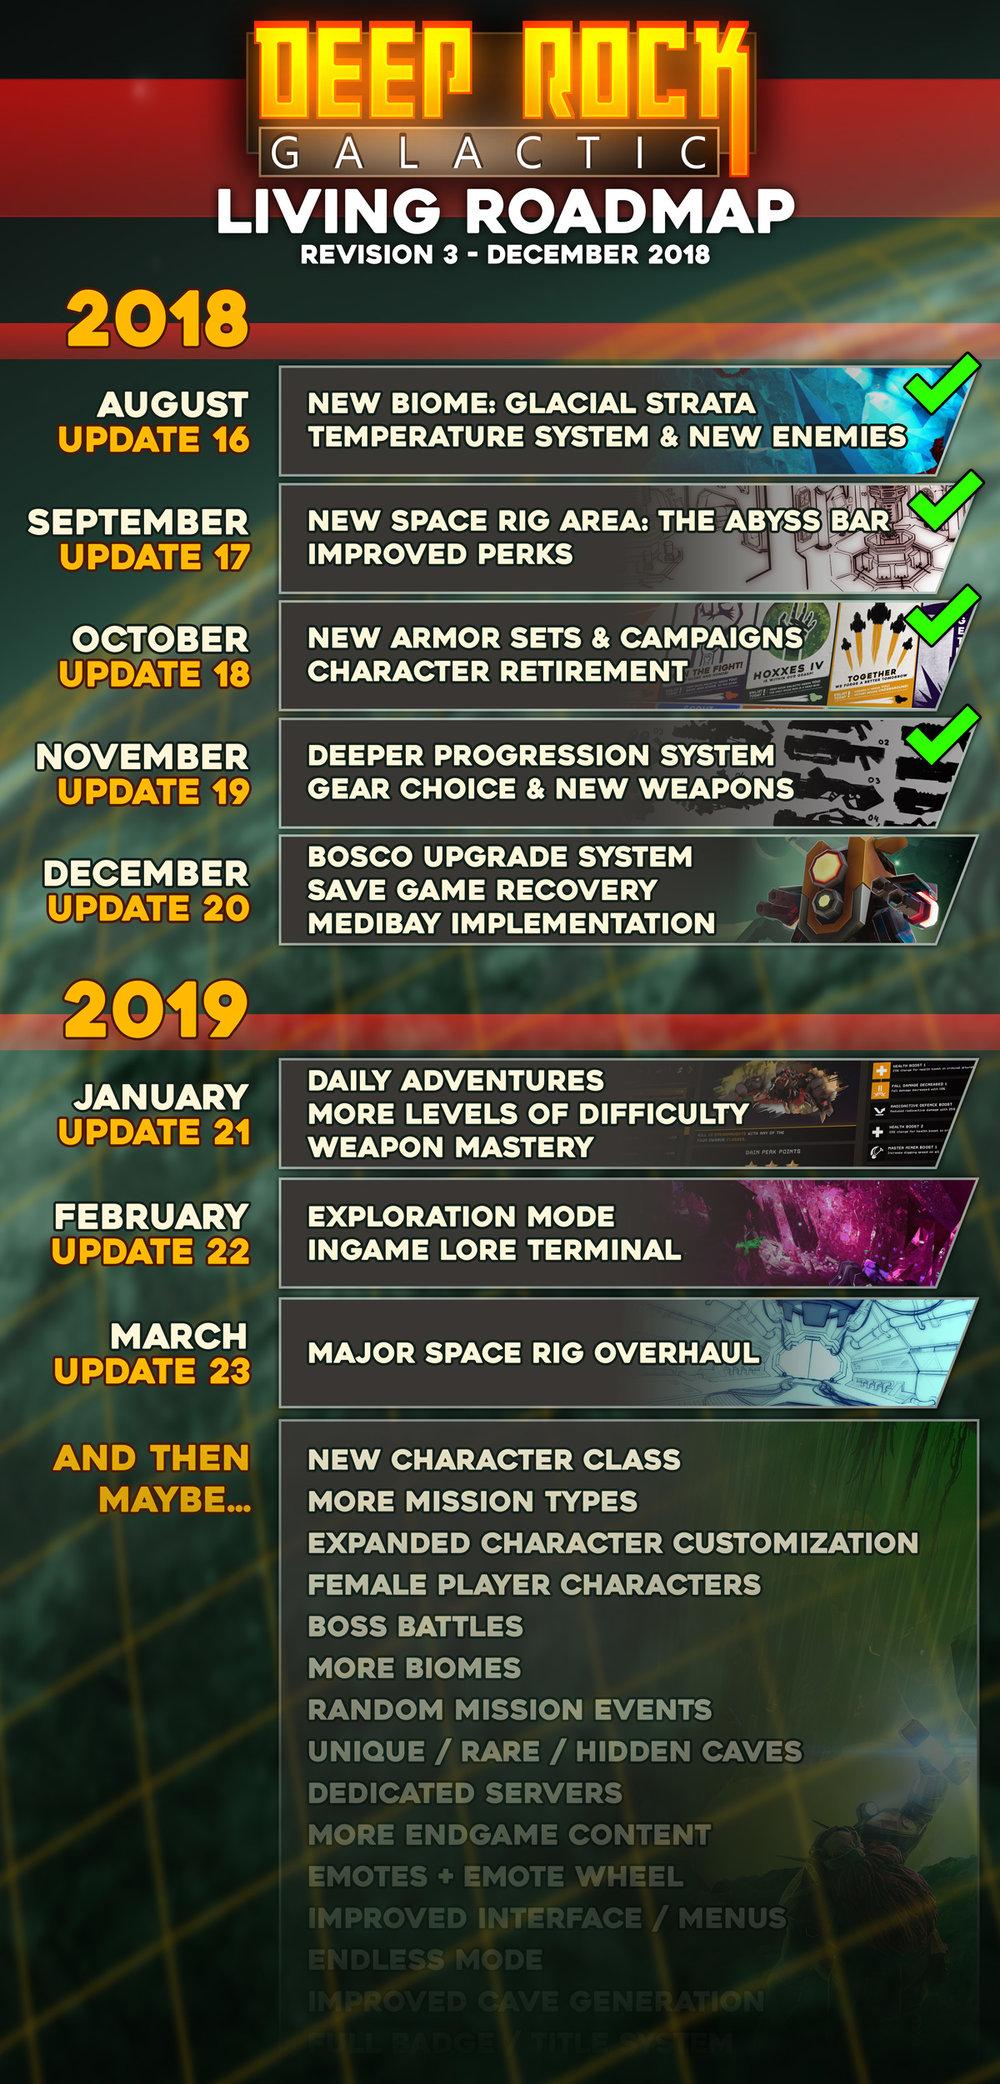 Roadmap 2018 Dec.jpg